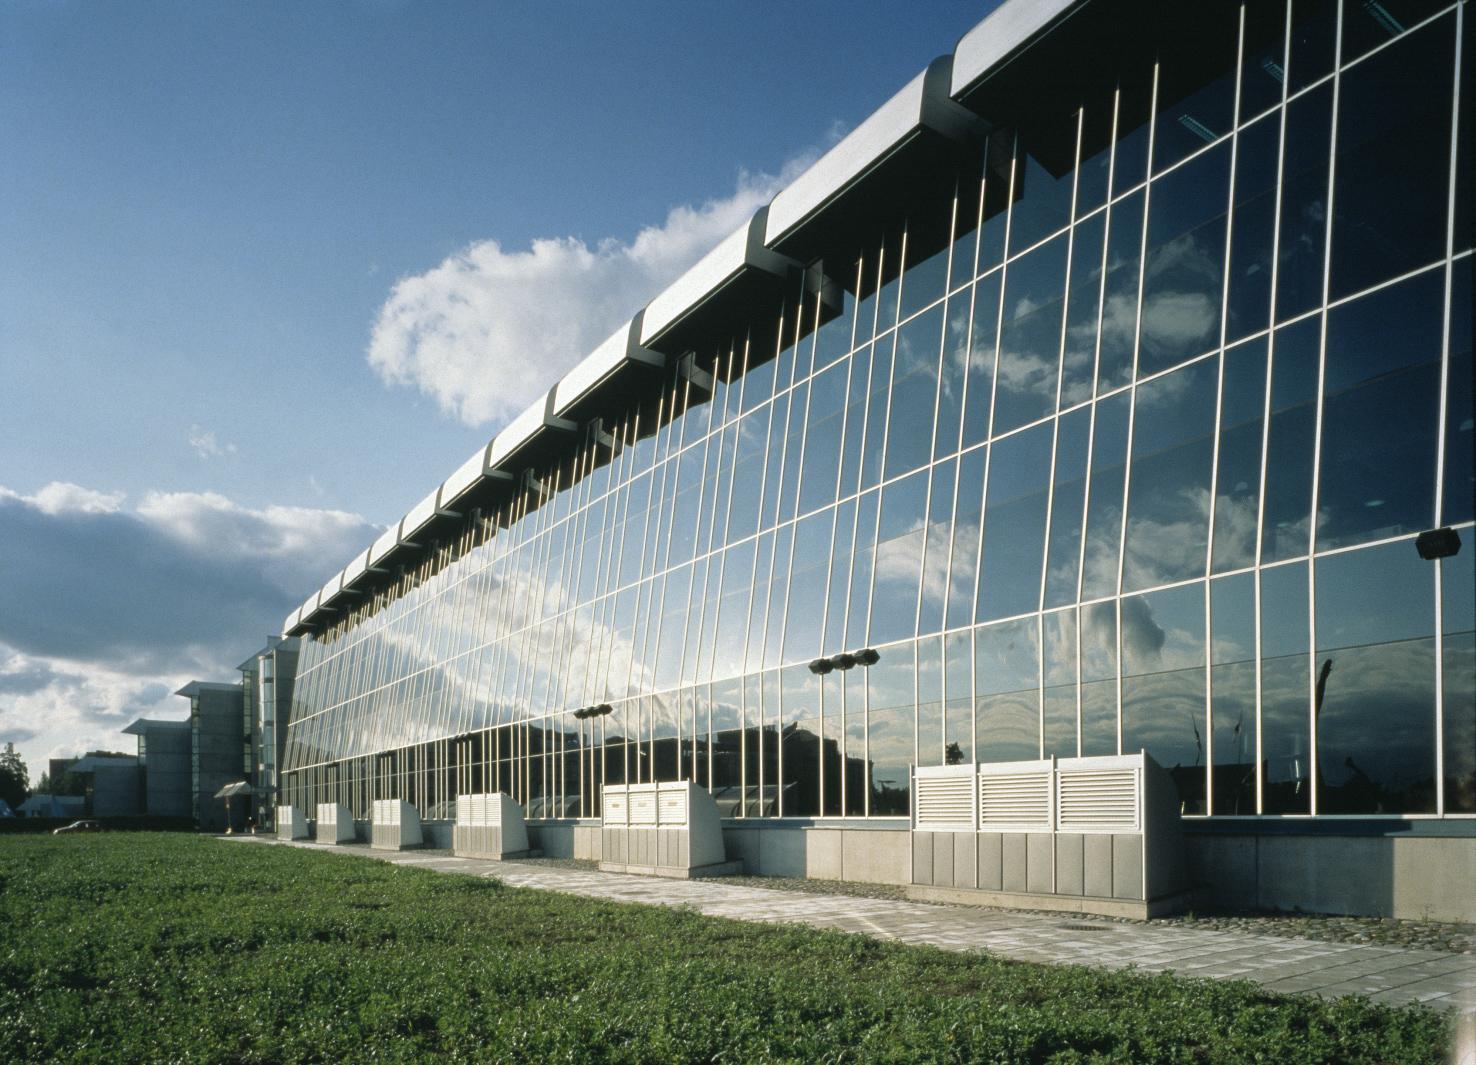 Arkkitehtisuunnittelu rakentaa työ- ja asuinympäristöstä sekä miellyttävän että turvallisen